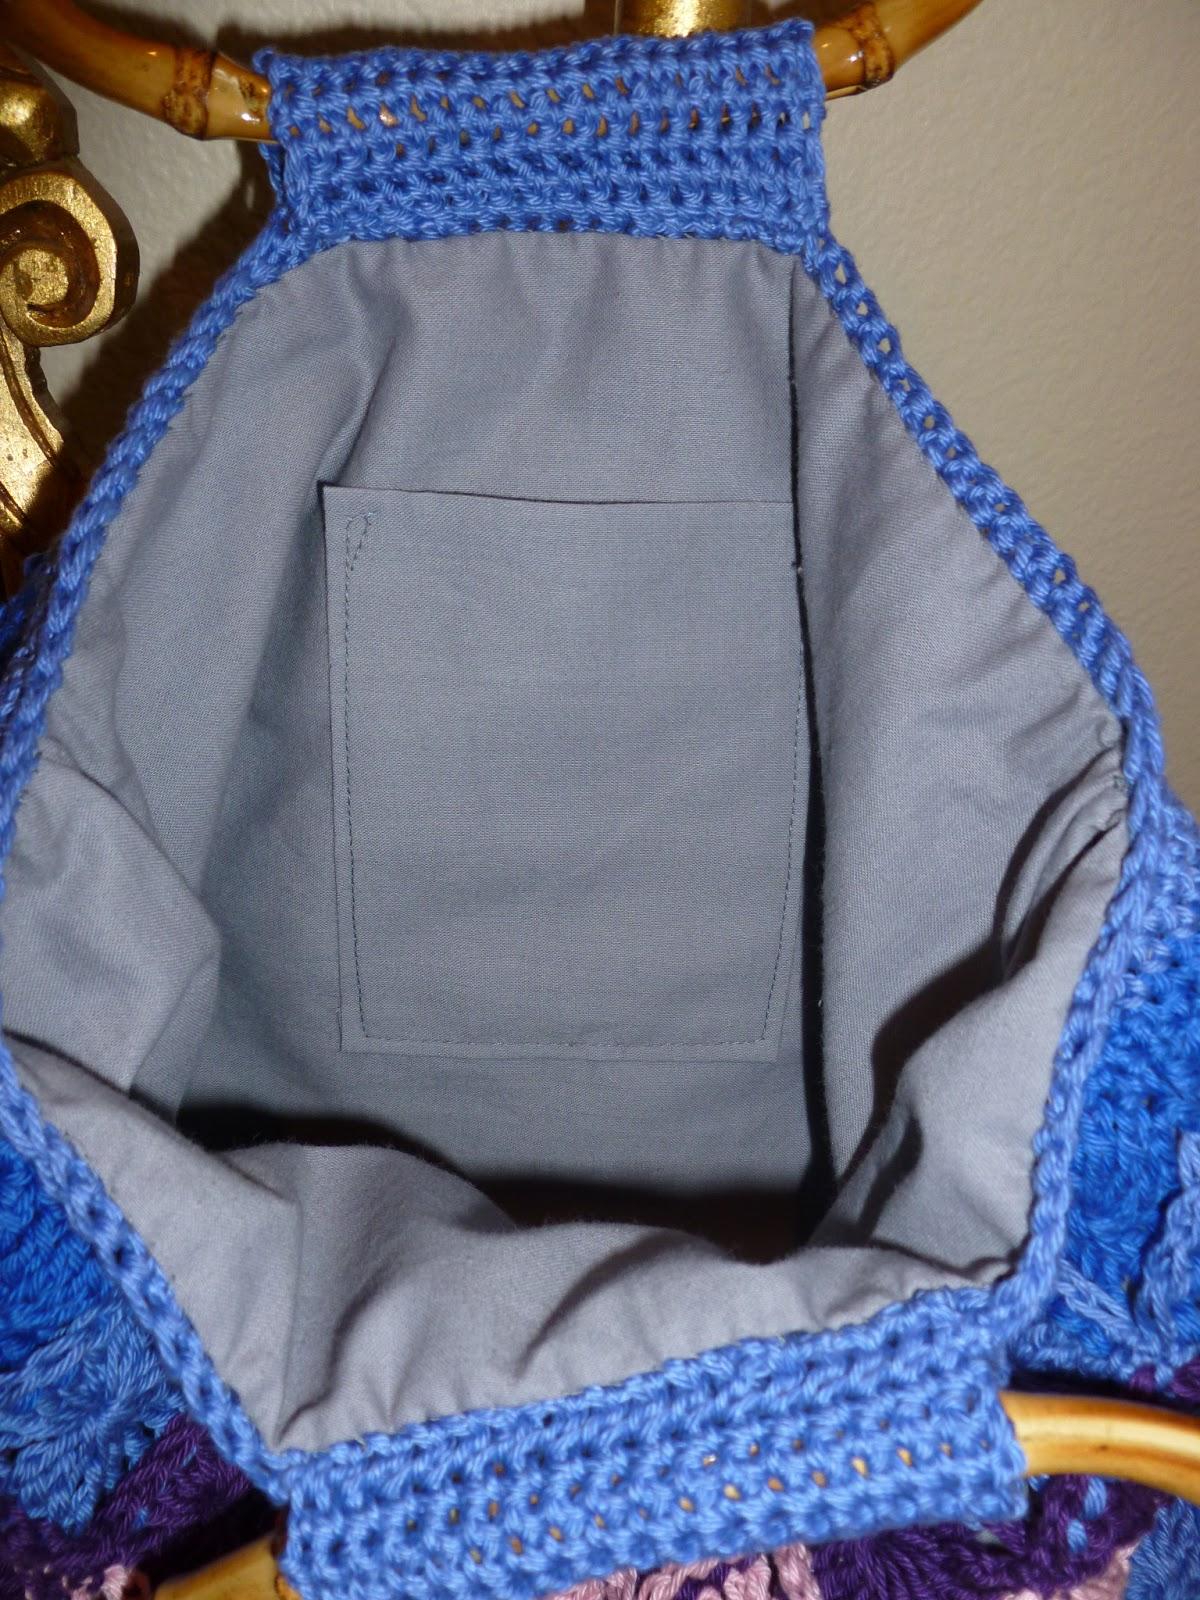 Lilly My Cat: Bavarian Crochet Handbag